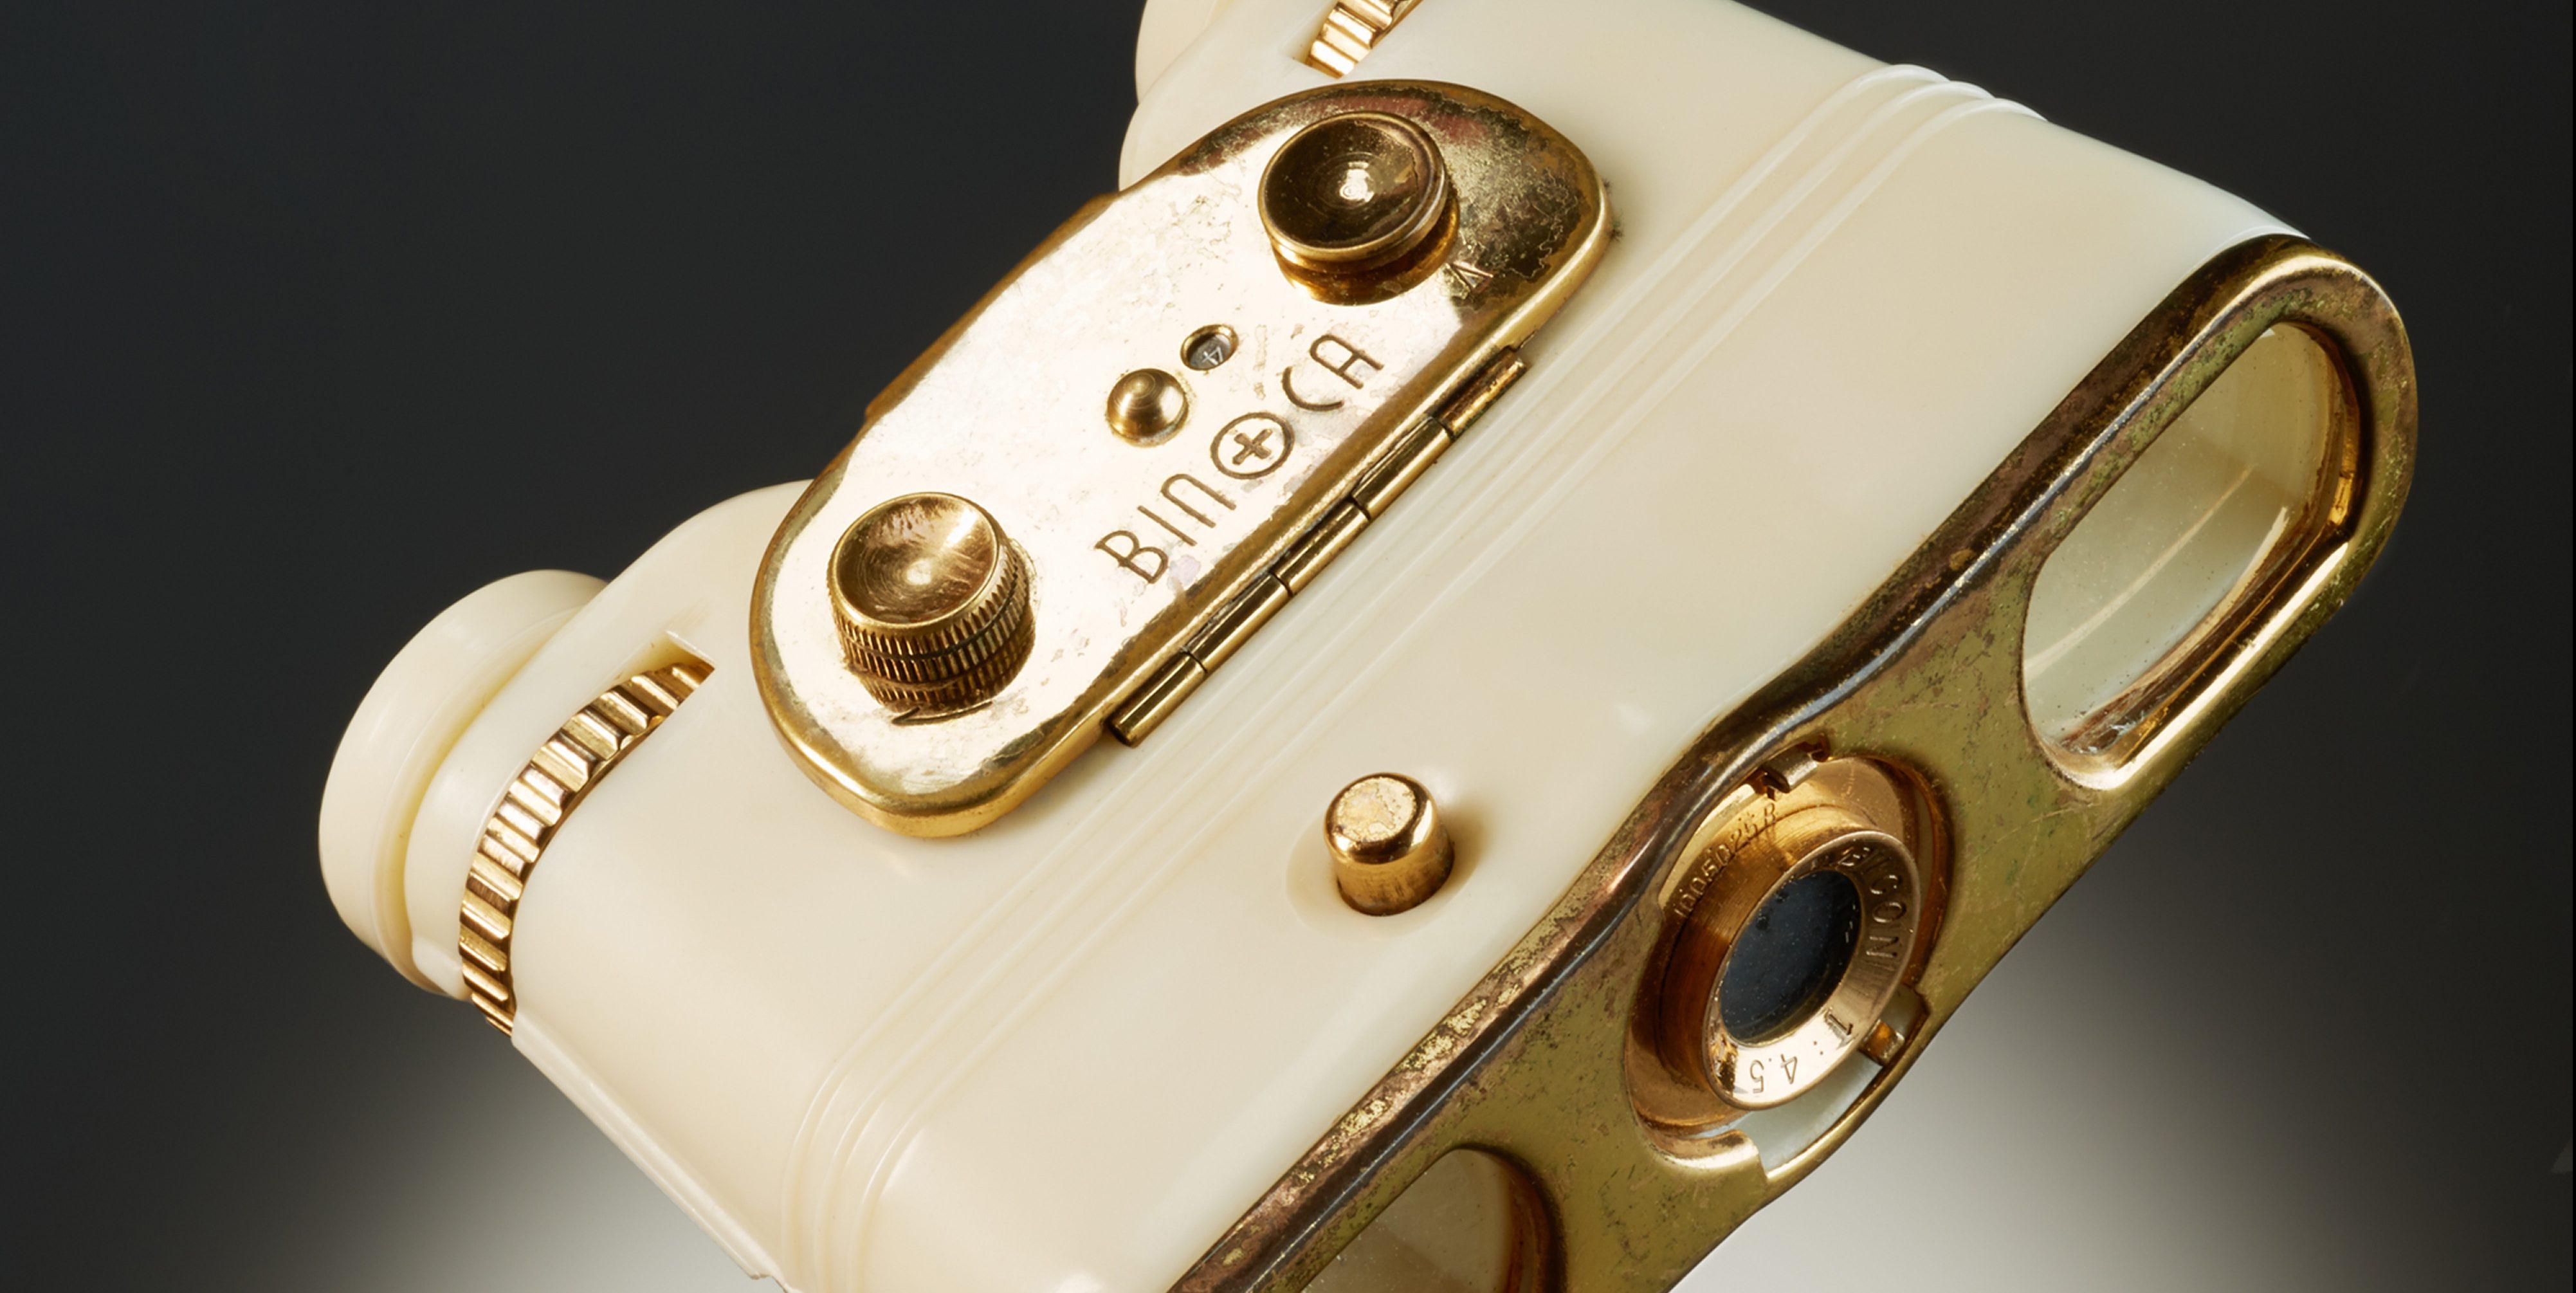 Fernglaskamera Binoca von 1950